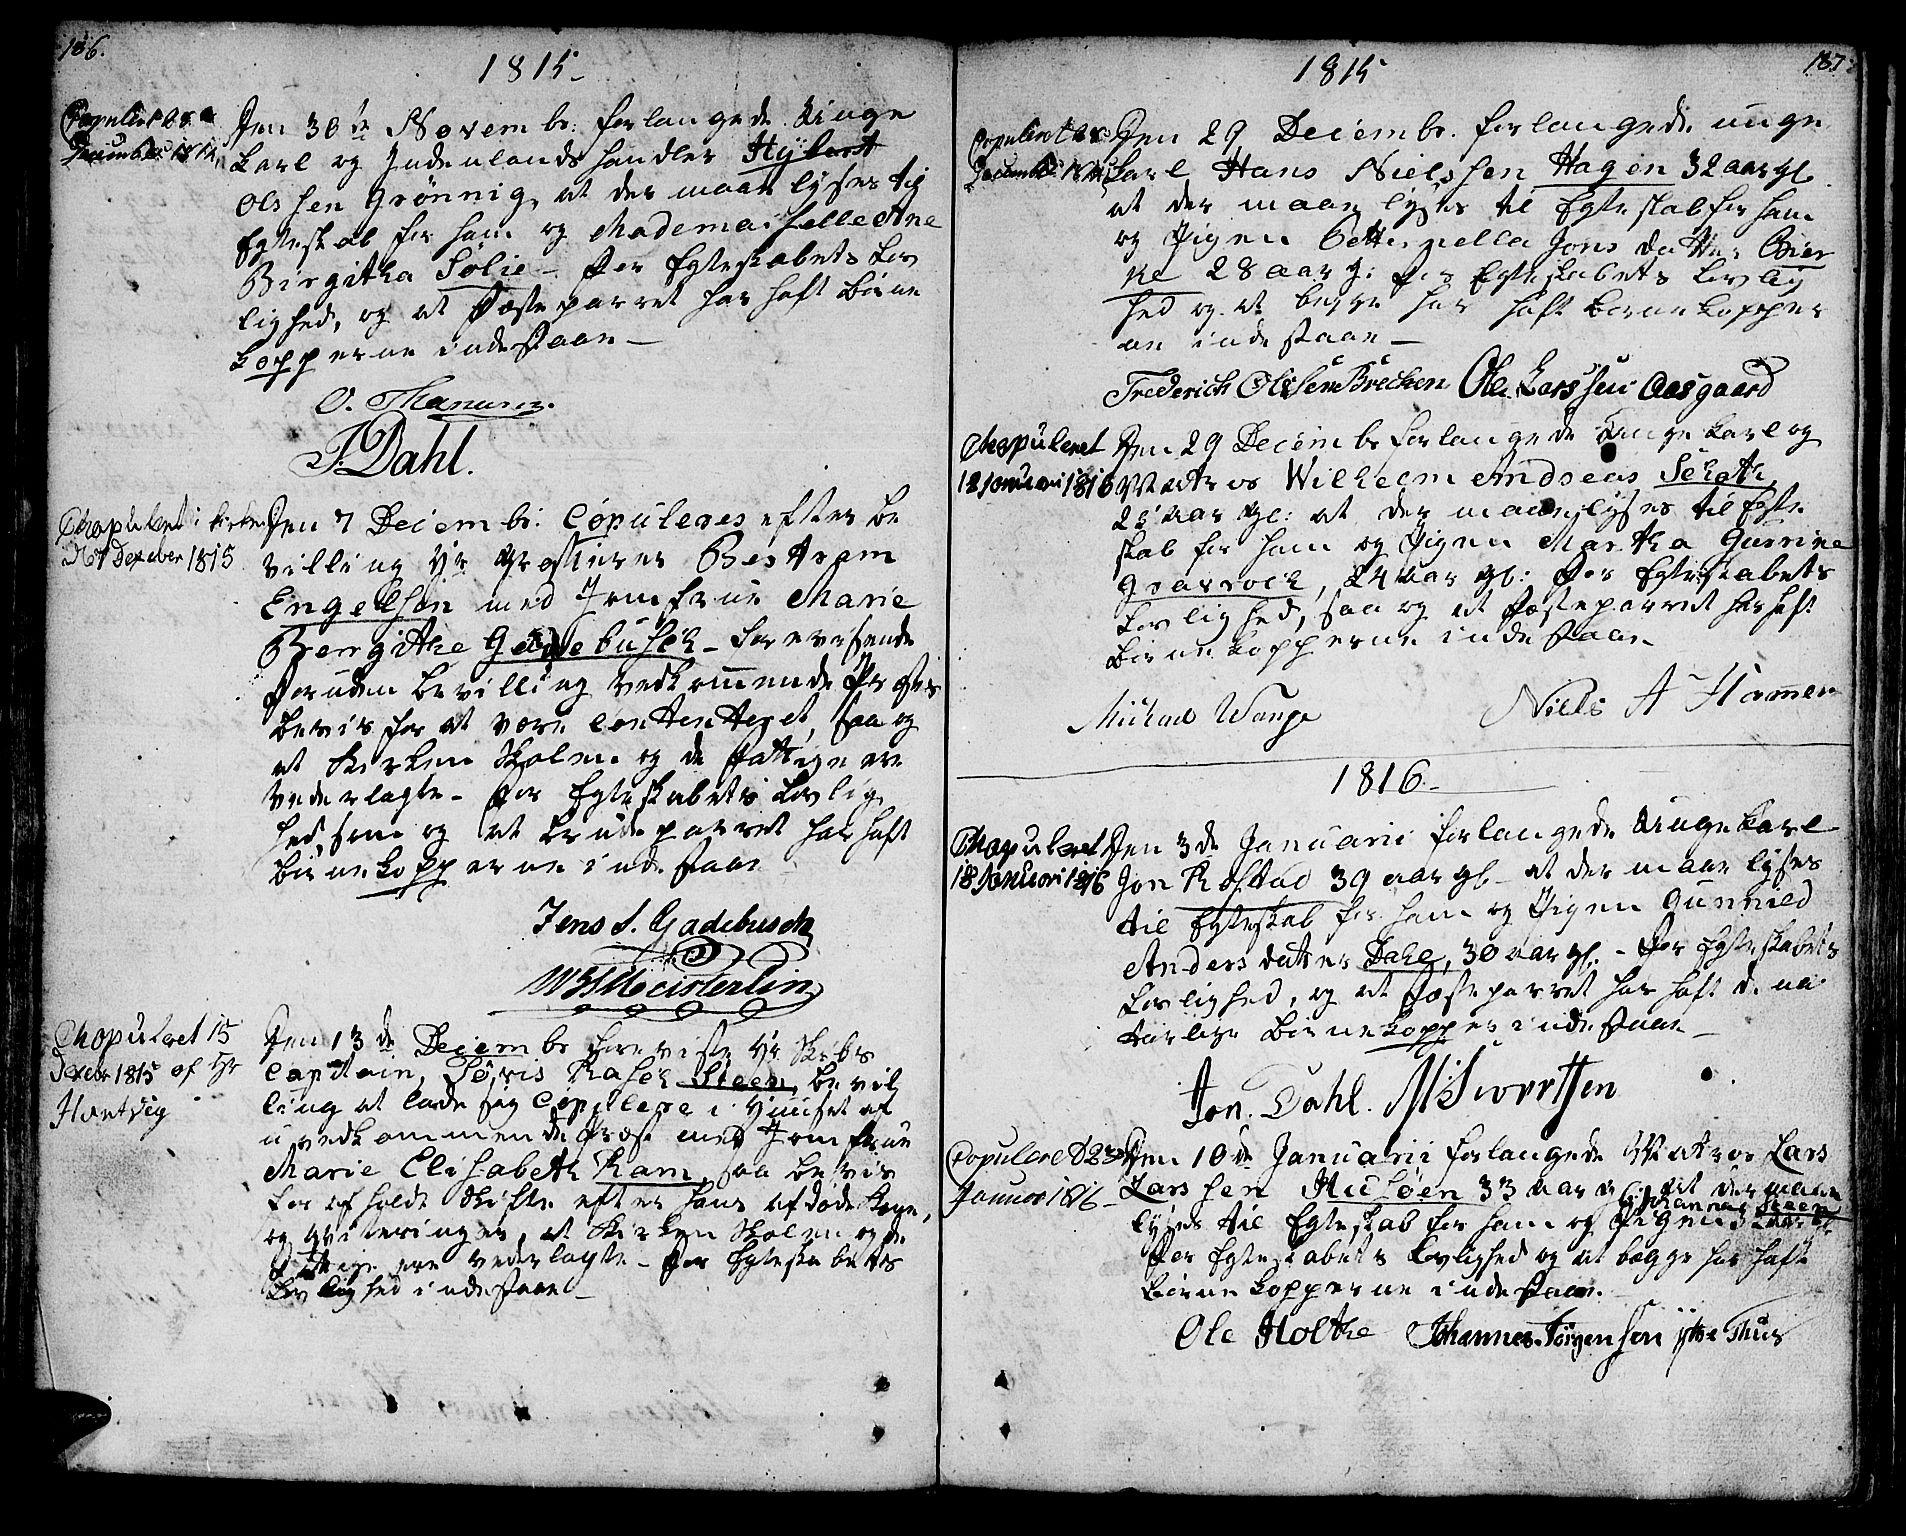 SAT, Ministerialprotokoller, klokkerbøker og fødselsregistre - Sør-Trøndelag, 601/L0042: Ministerialbok nr. 601A10, 1802-1830, s. 186-187